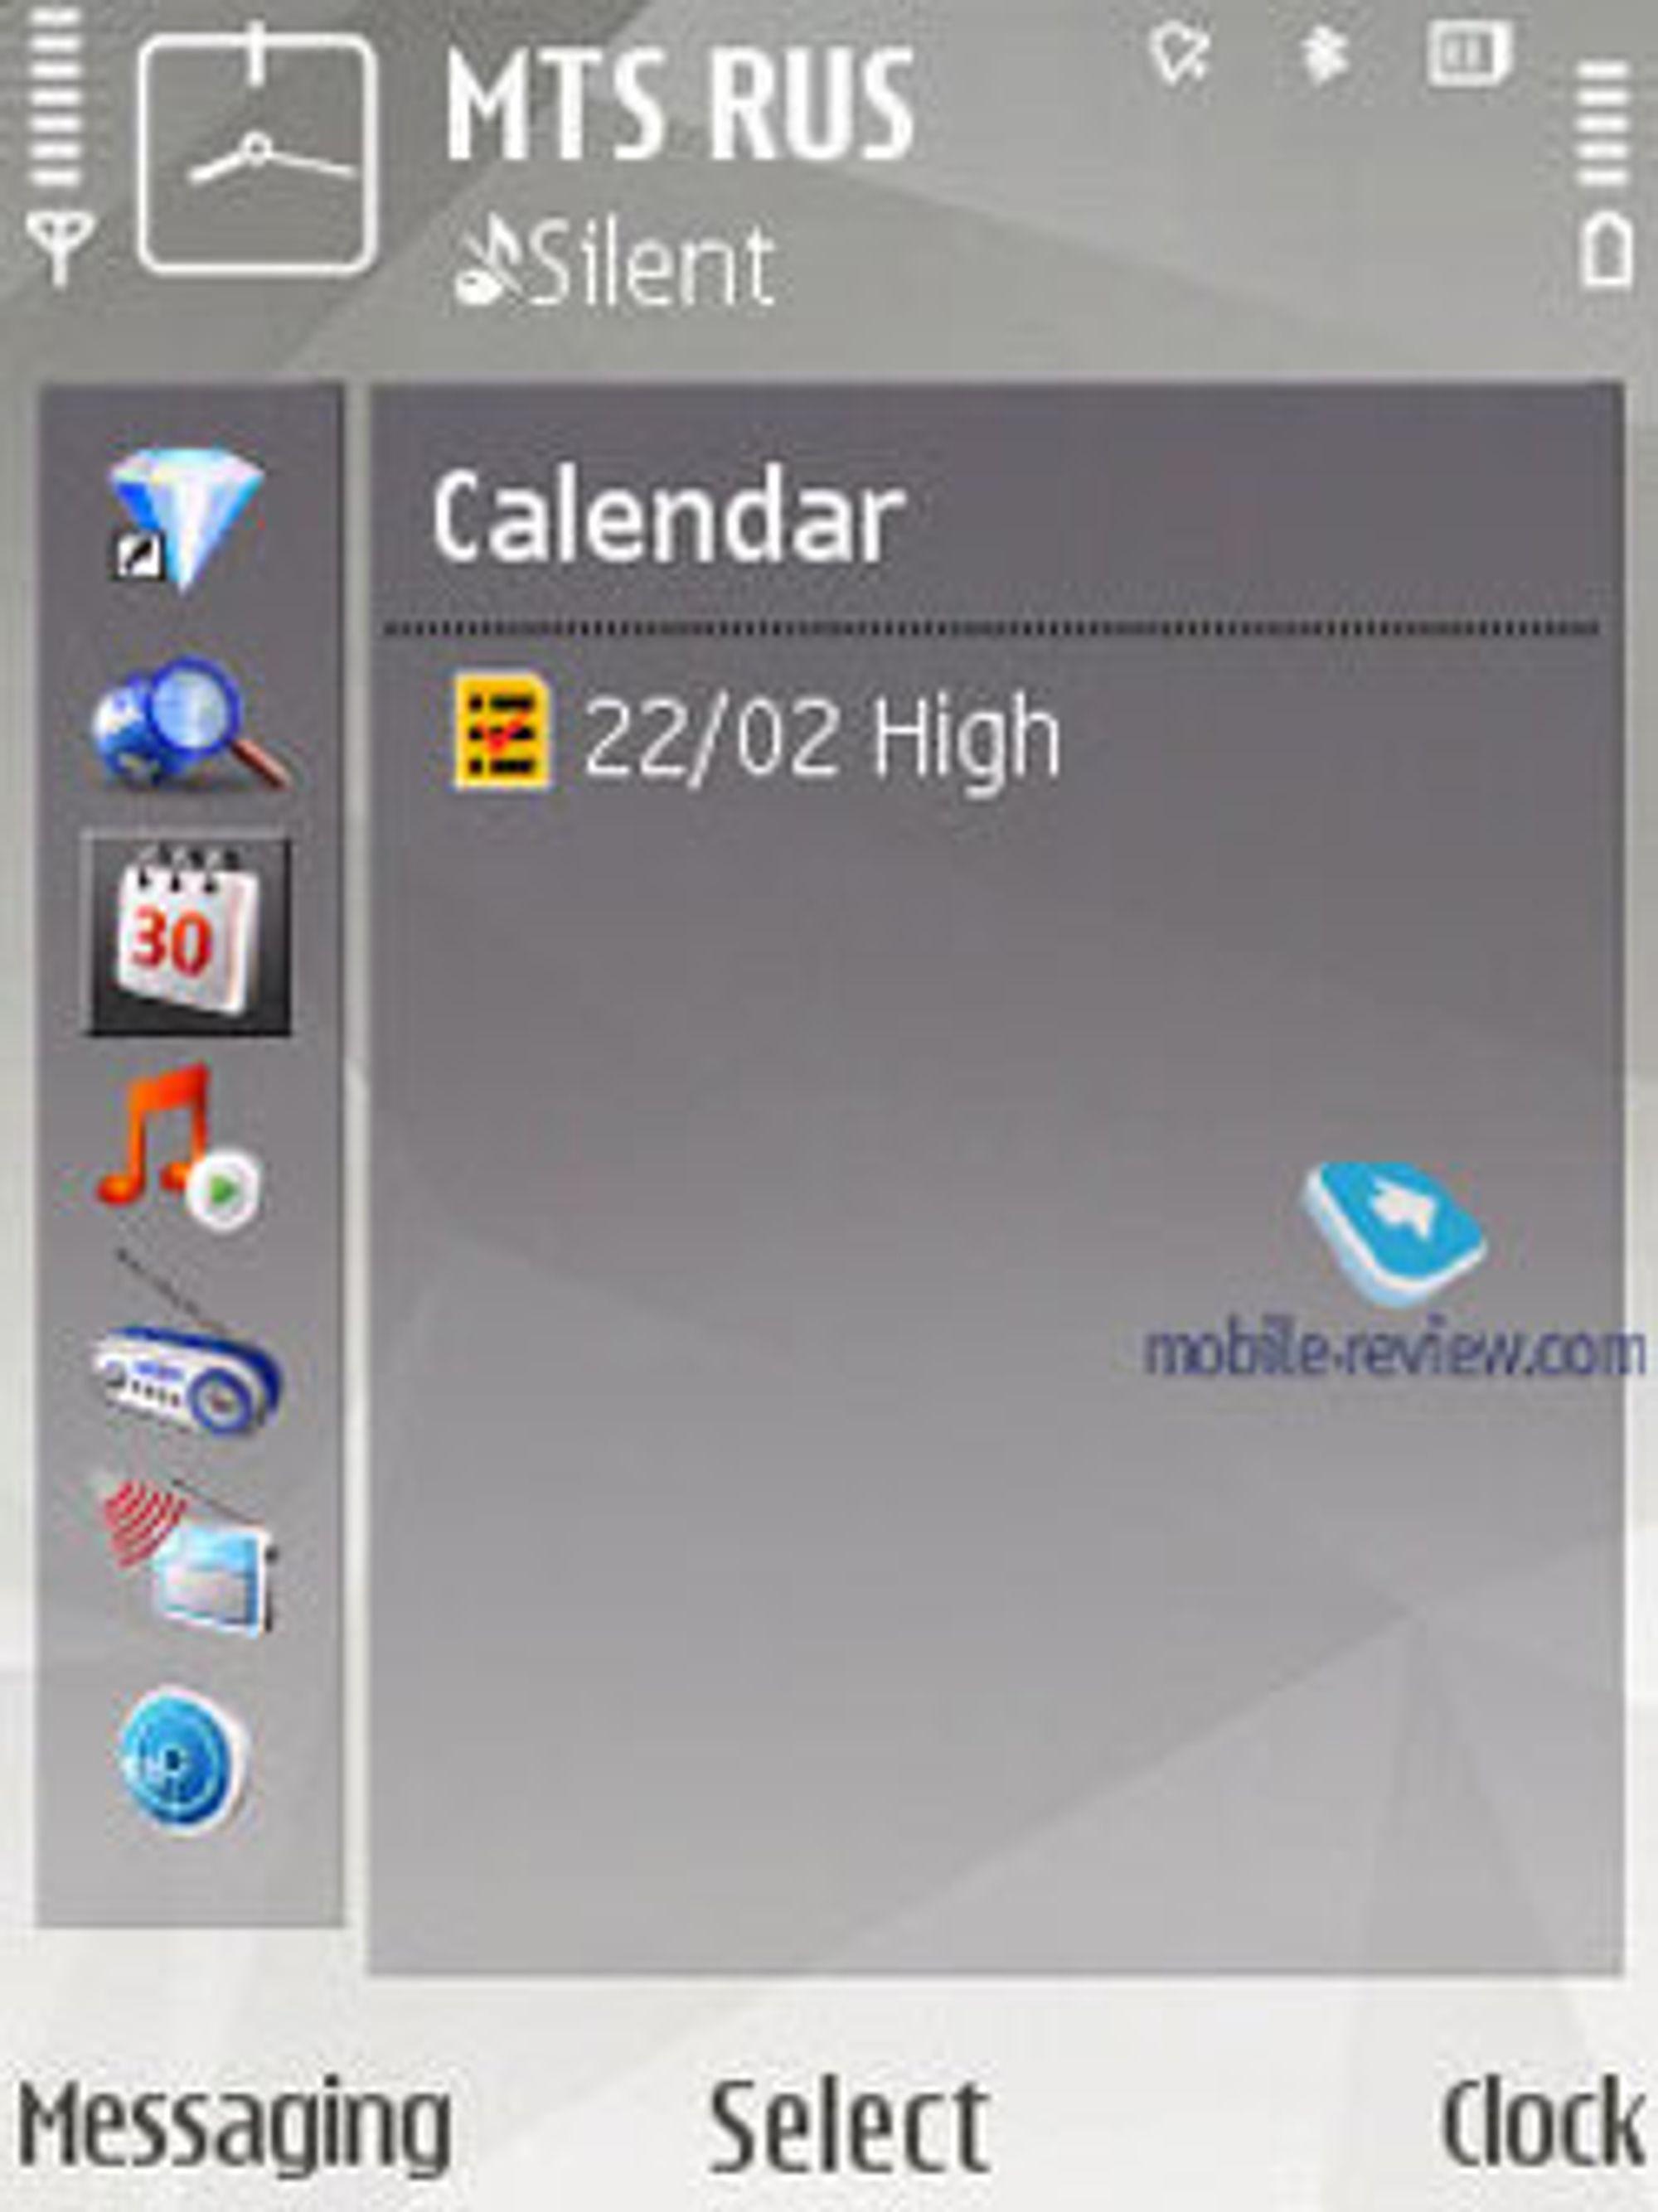 Hvilemodus kan nå vise ikoner til venstre. (Foto: Mobile-review.com)